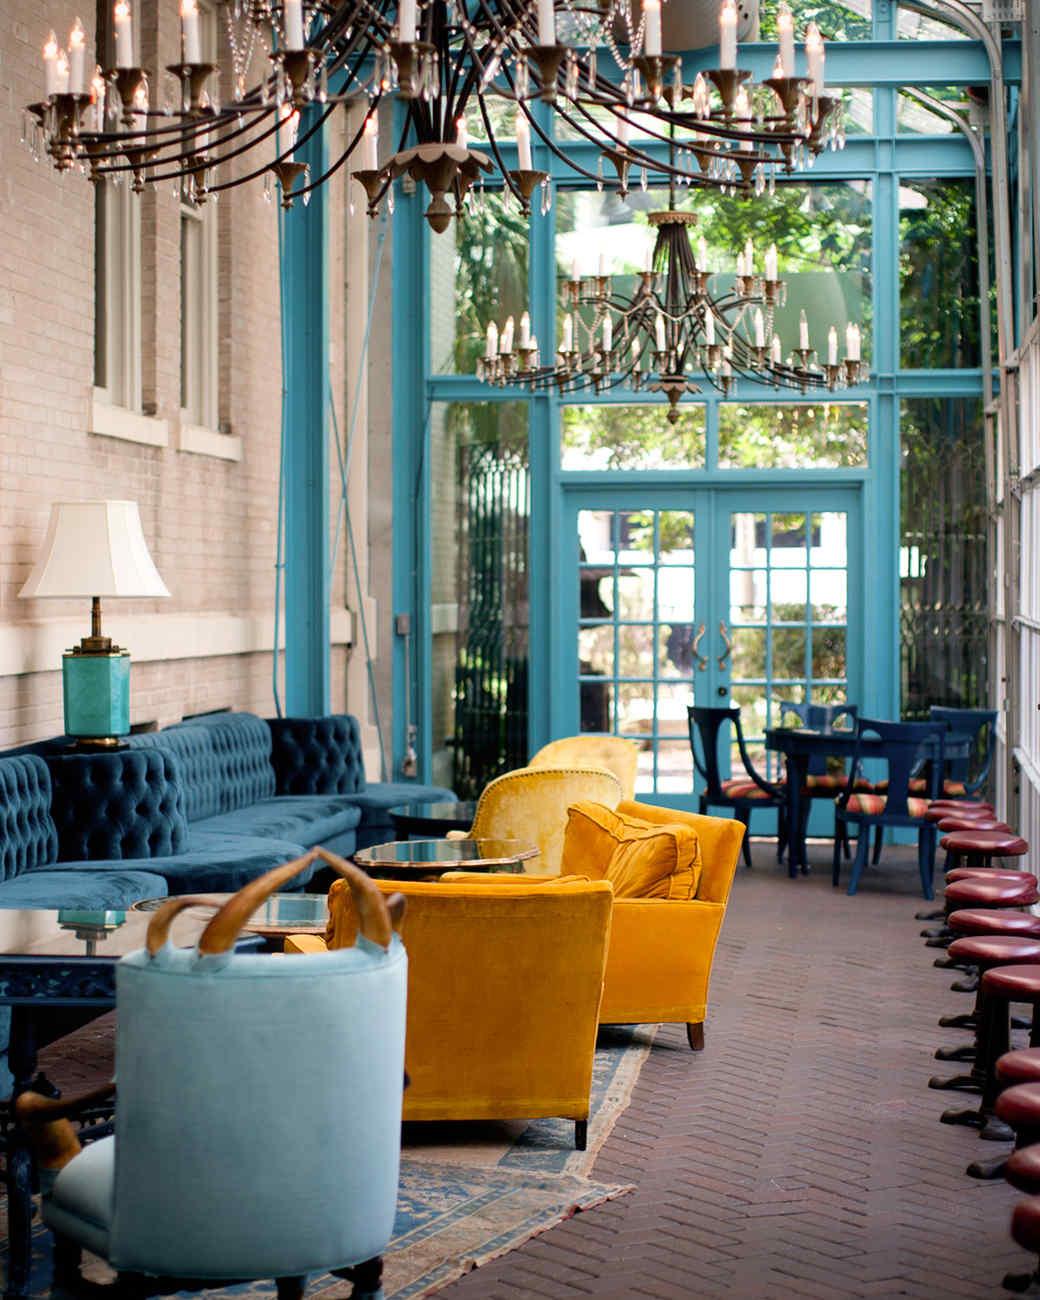 hotel-havana-ocho.jpg